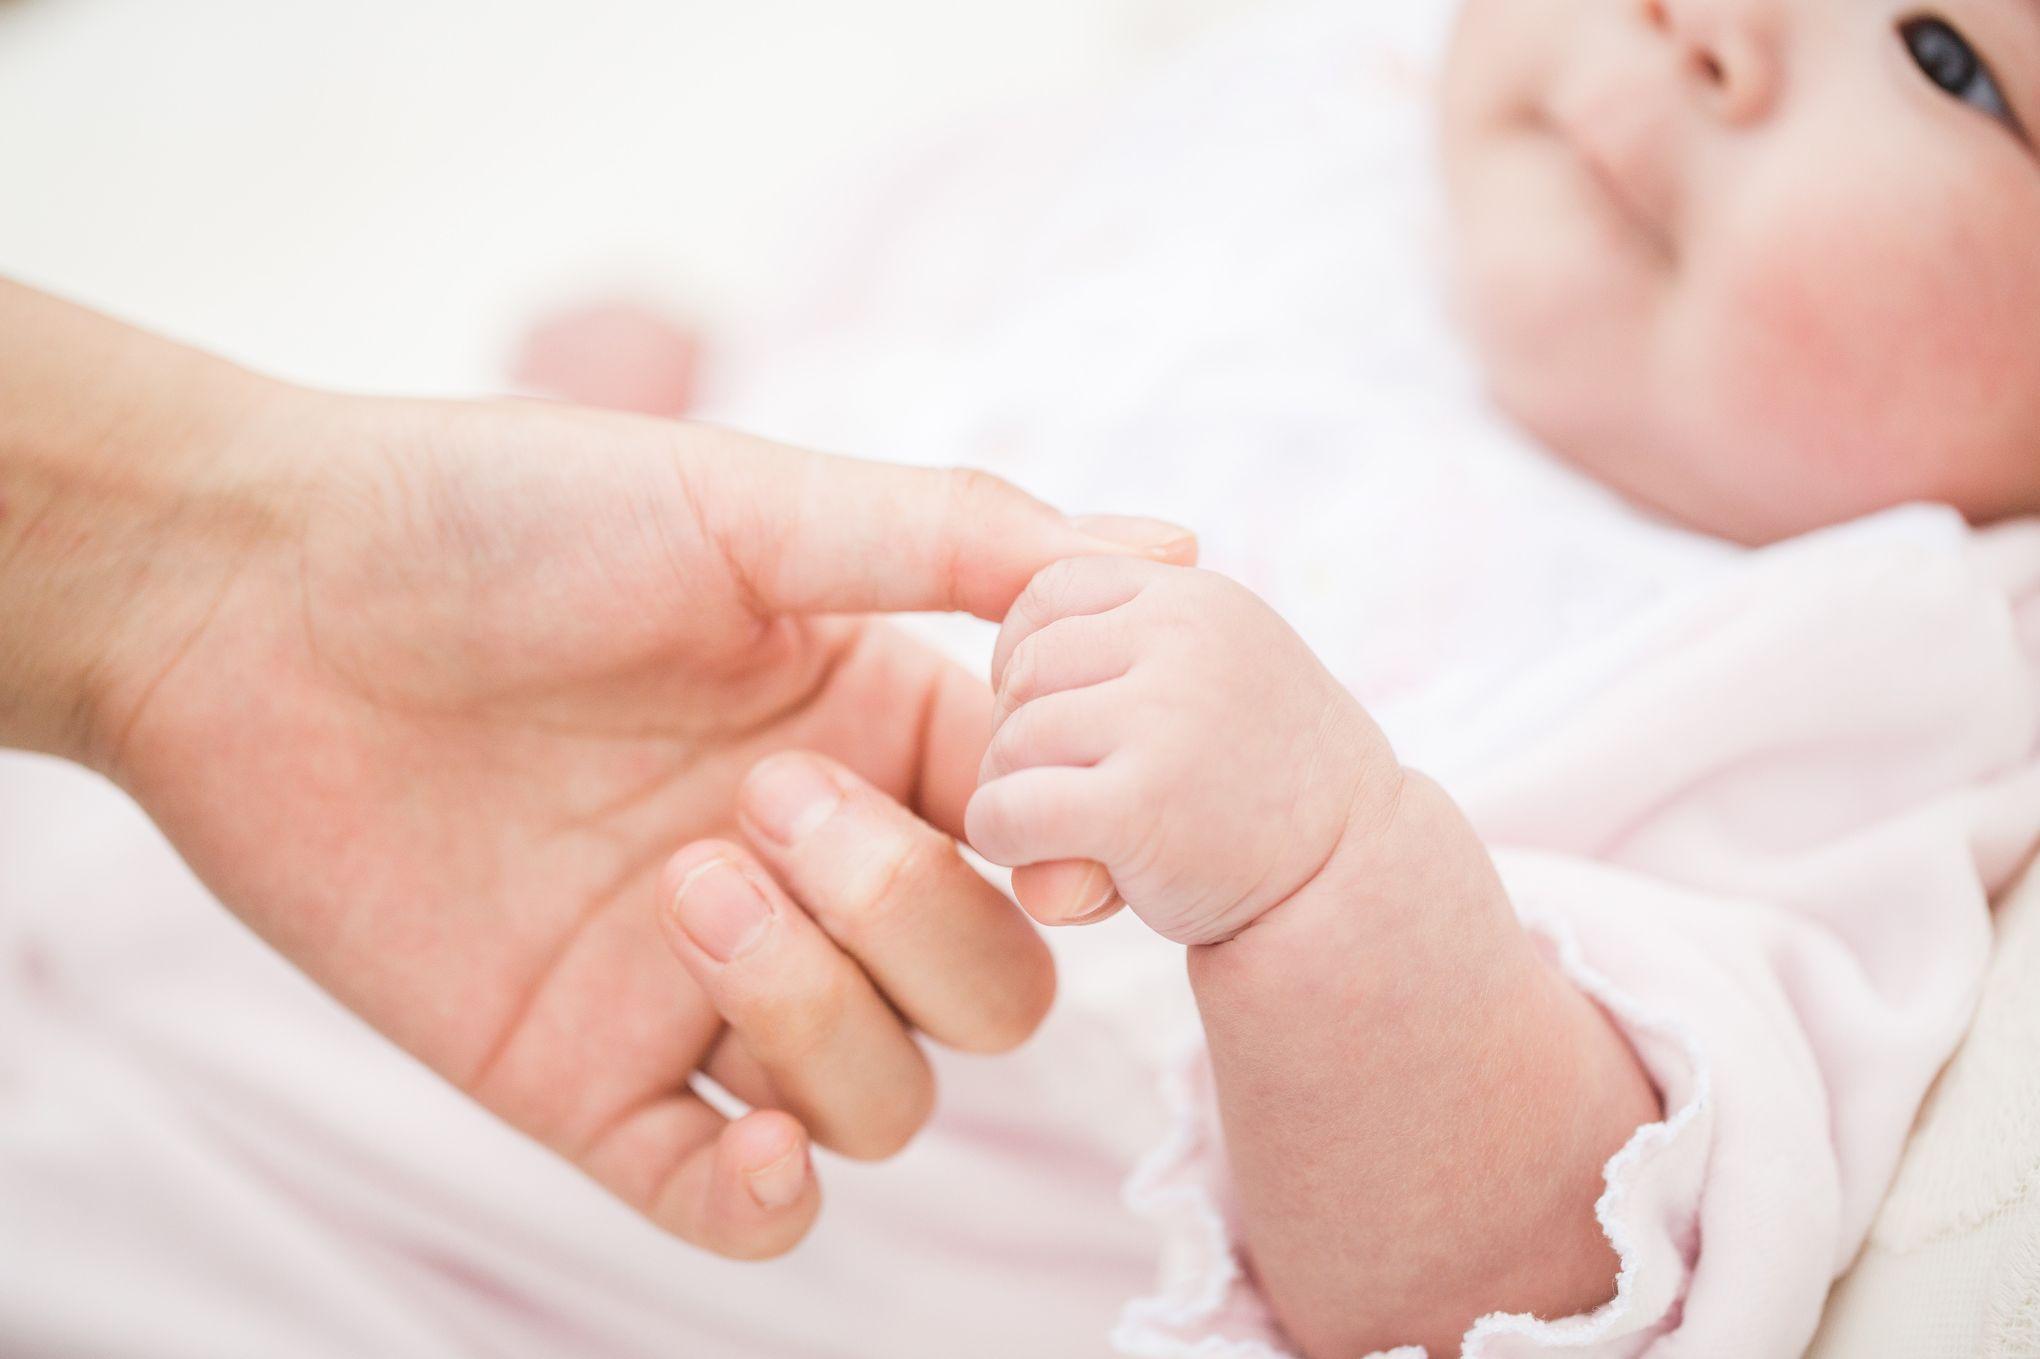 Procréation médicalement assistée : la loi n'est pas discriminatoire